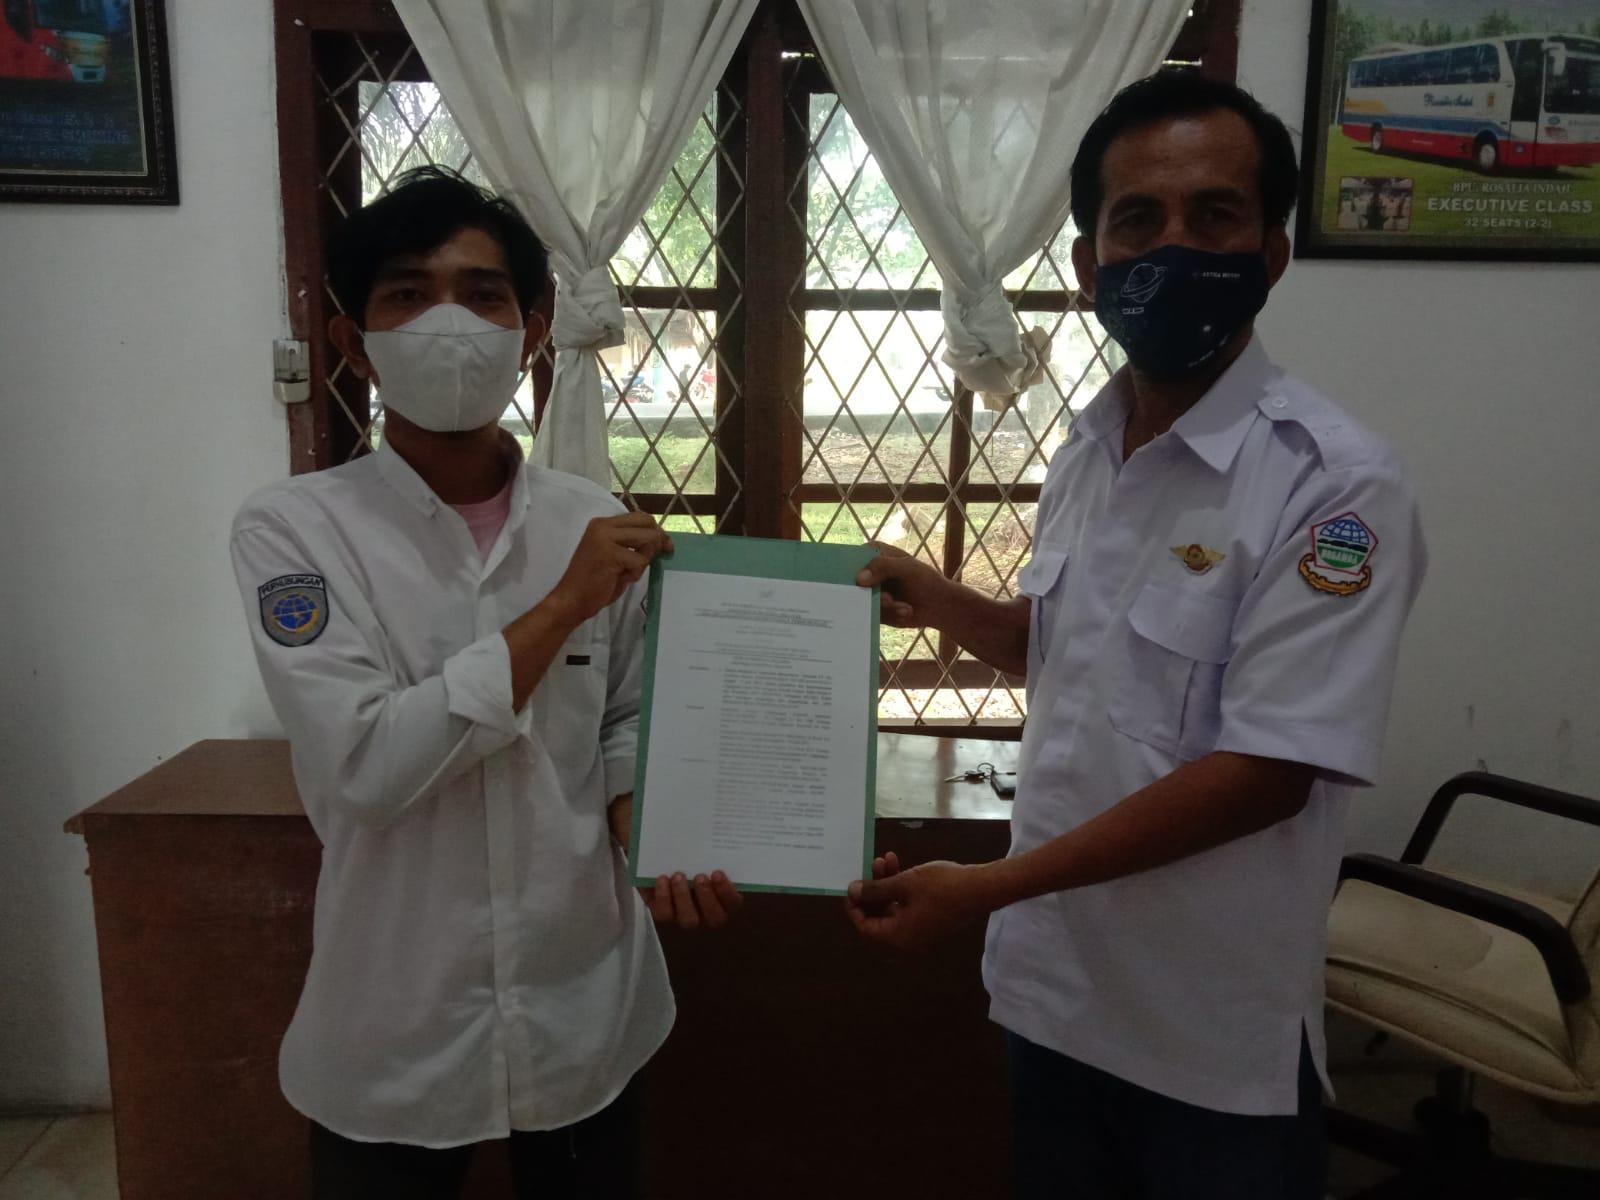 Penyerahan surat keputusan (SK) definitif kepada Pengurus DPC Organda Kabupaten Muara Enim, Rabu (11/8)